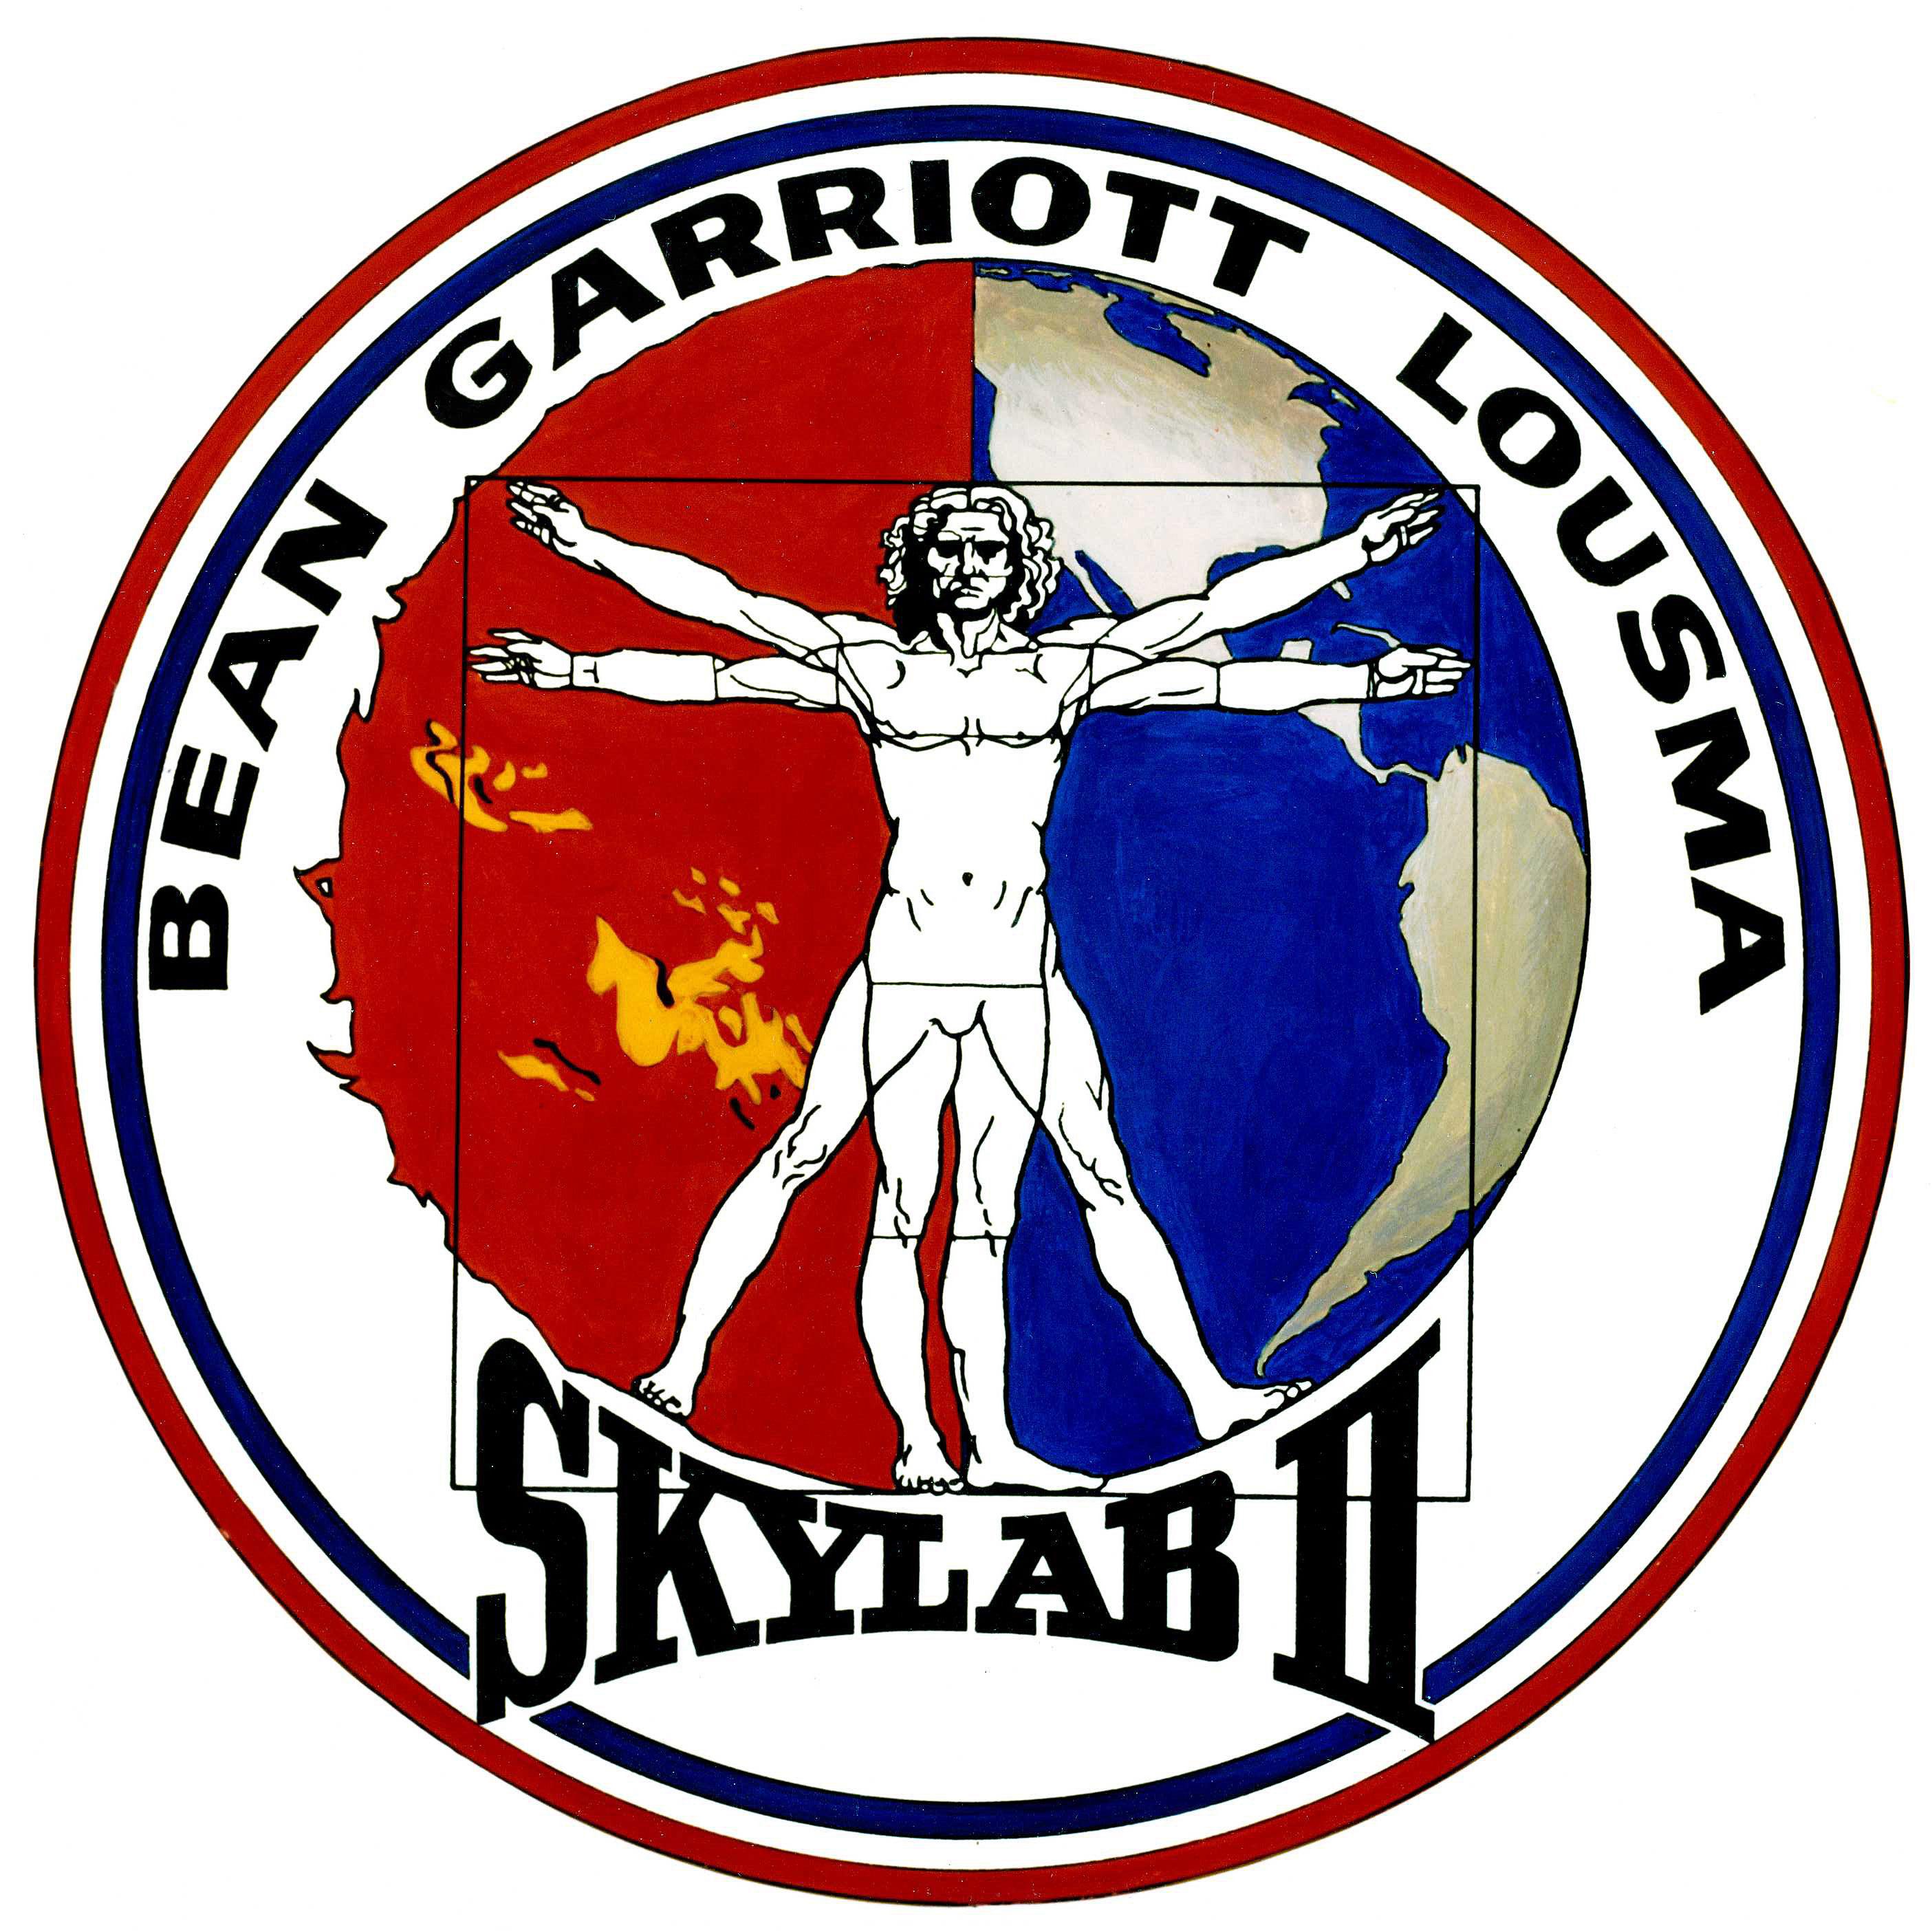 Skylab 3 - Mission patch